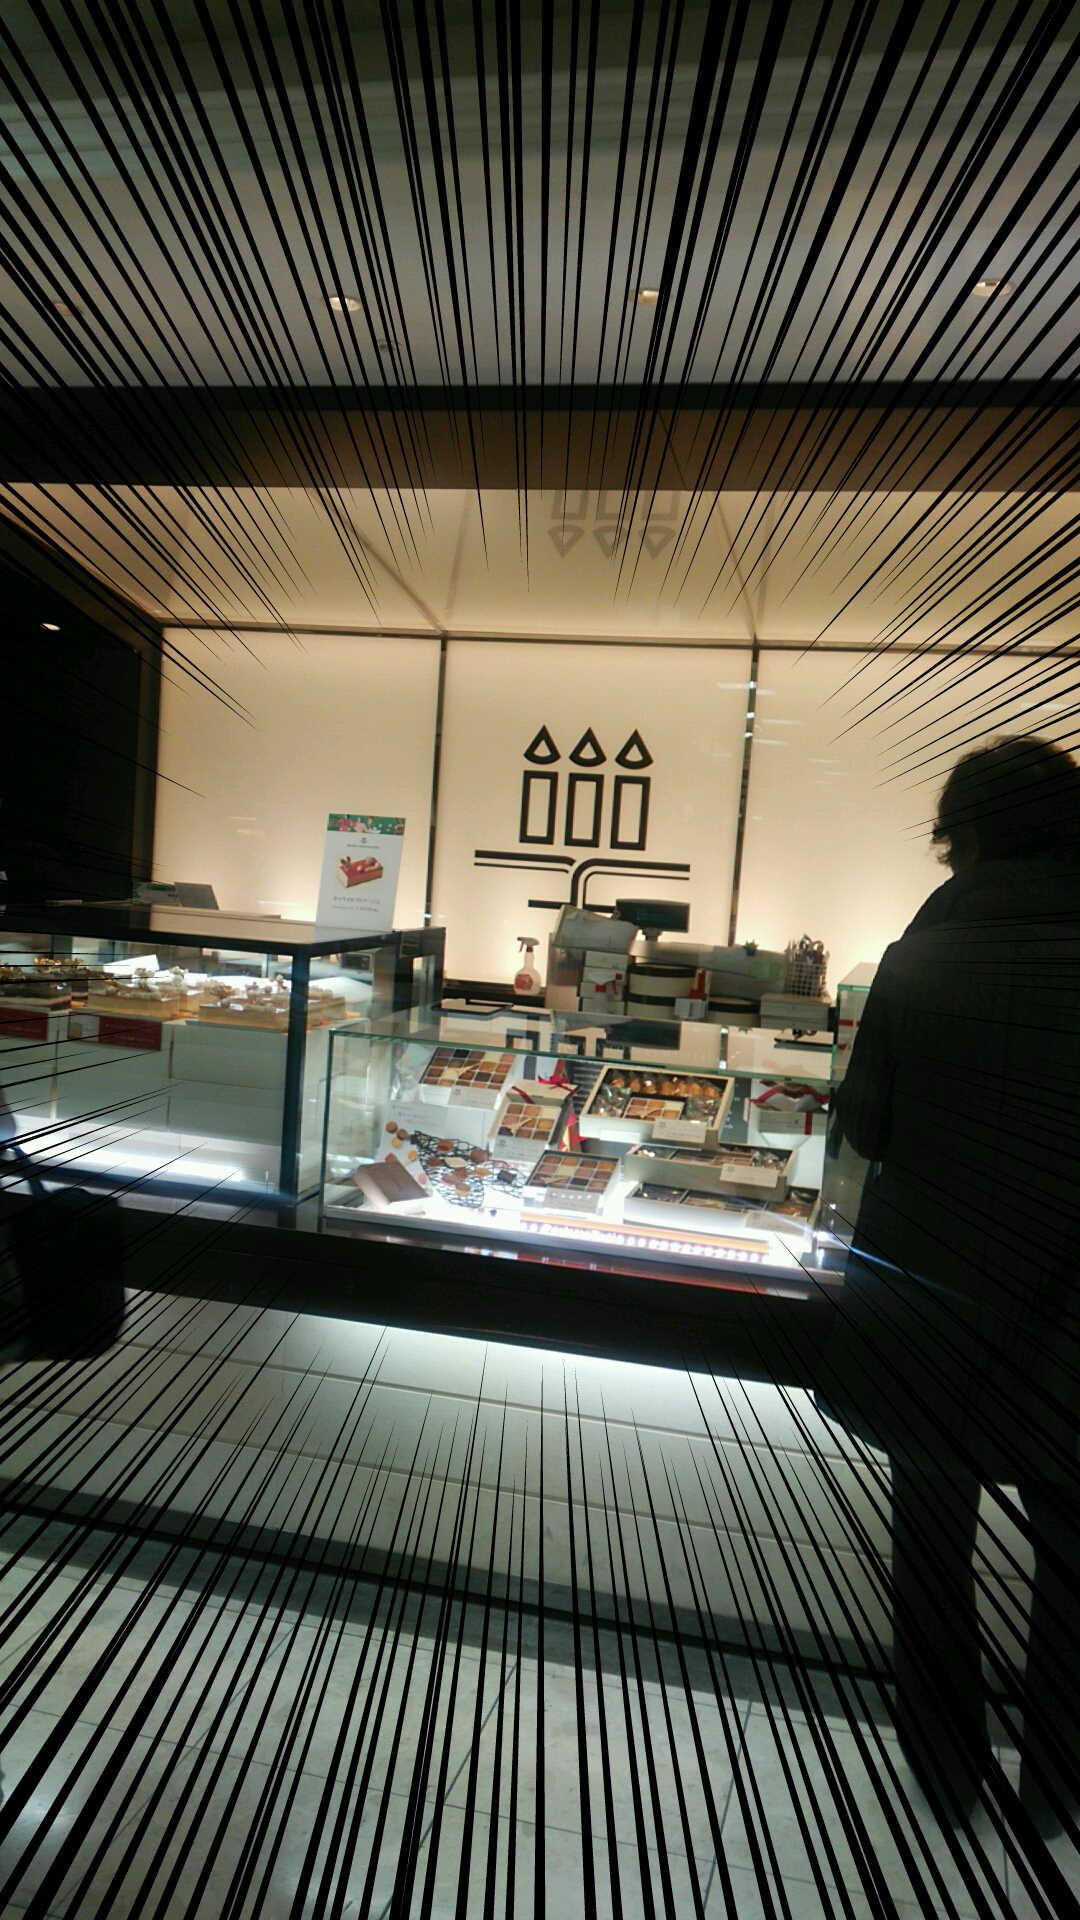 さいたま市の背中(99)『神戸土産を買ったら浦和でも買えた話』